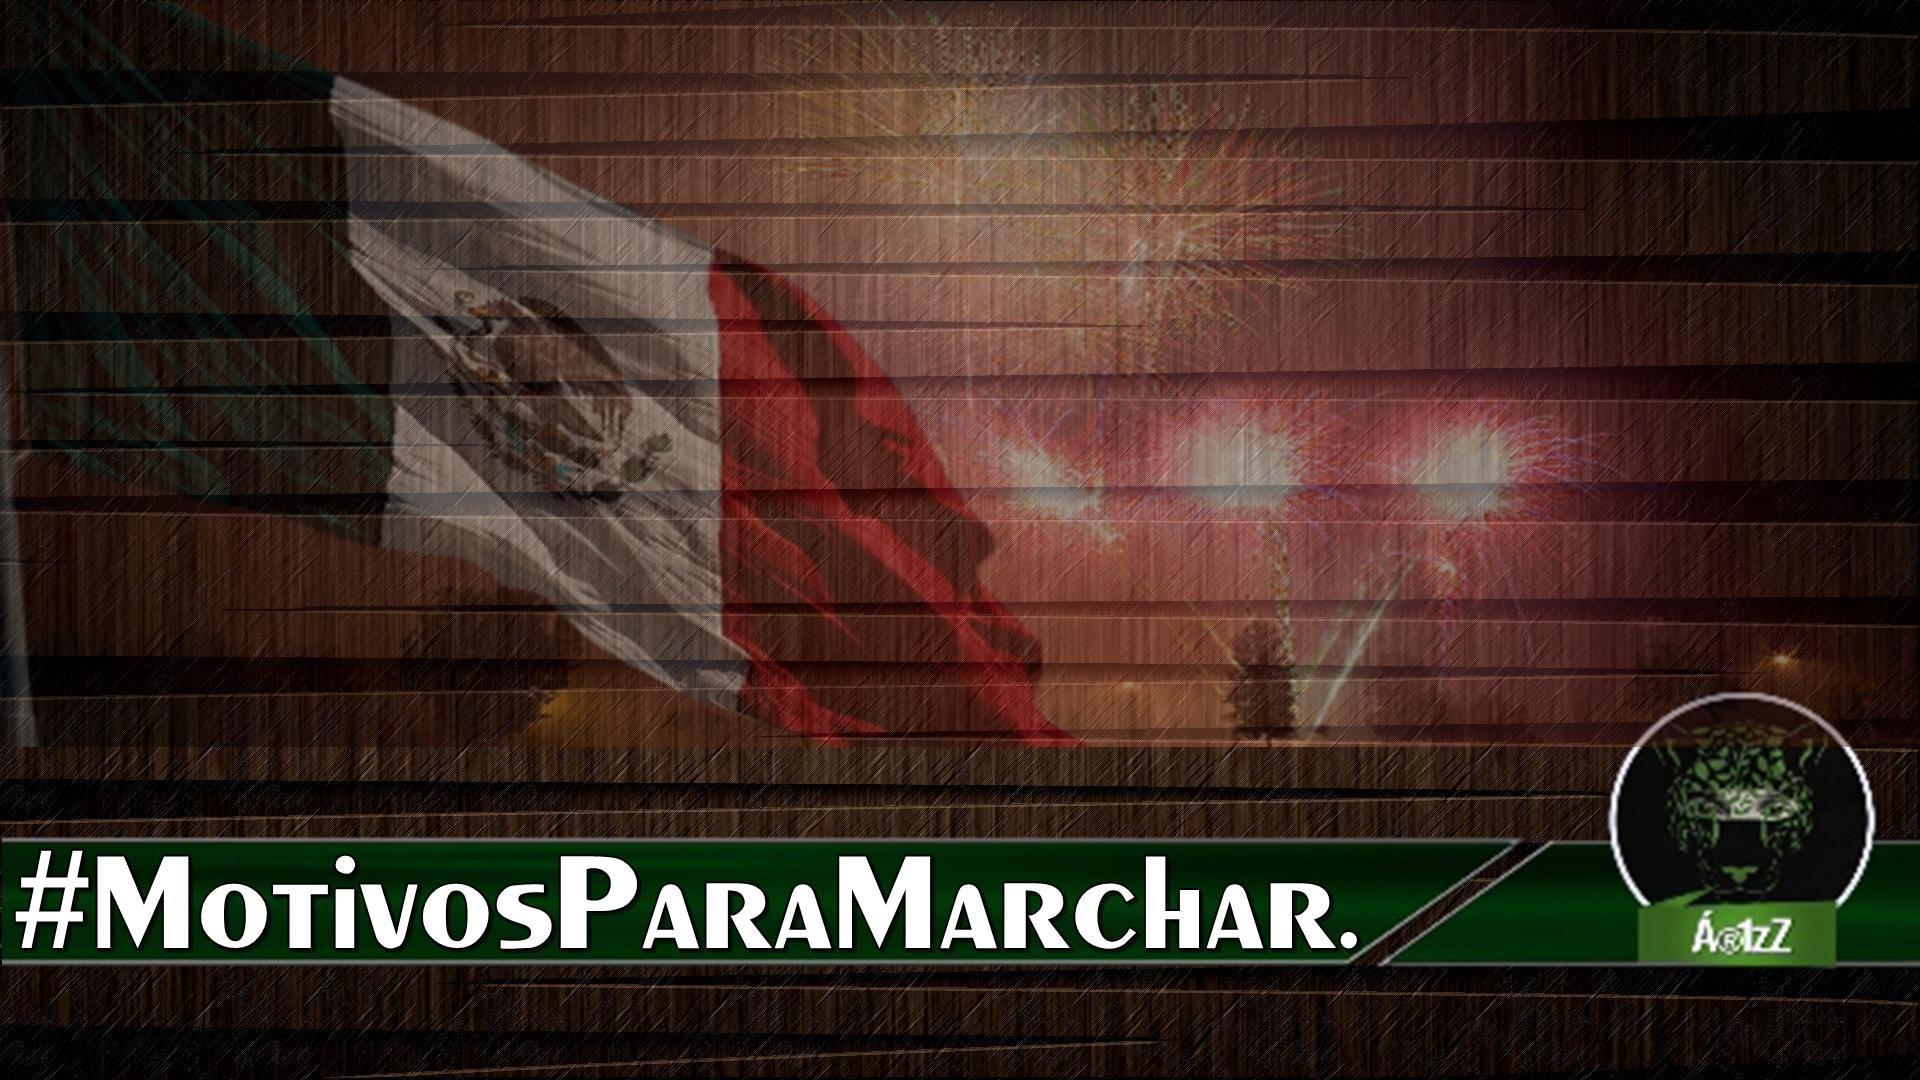 #MotivosParaMarchar. No hay nada que festejar. #RenunciaYa. Premian a Tomás Zerón.